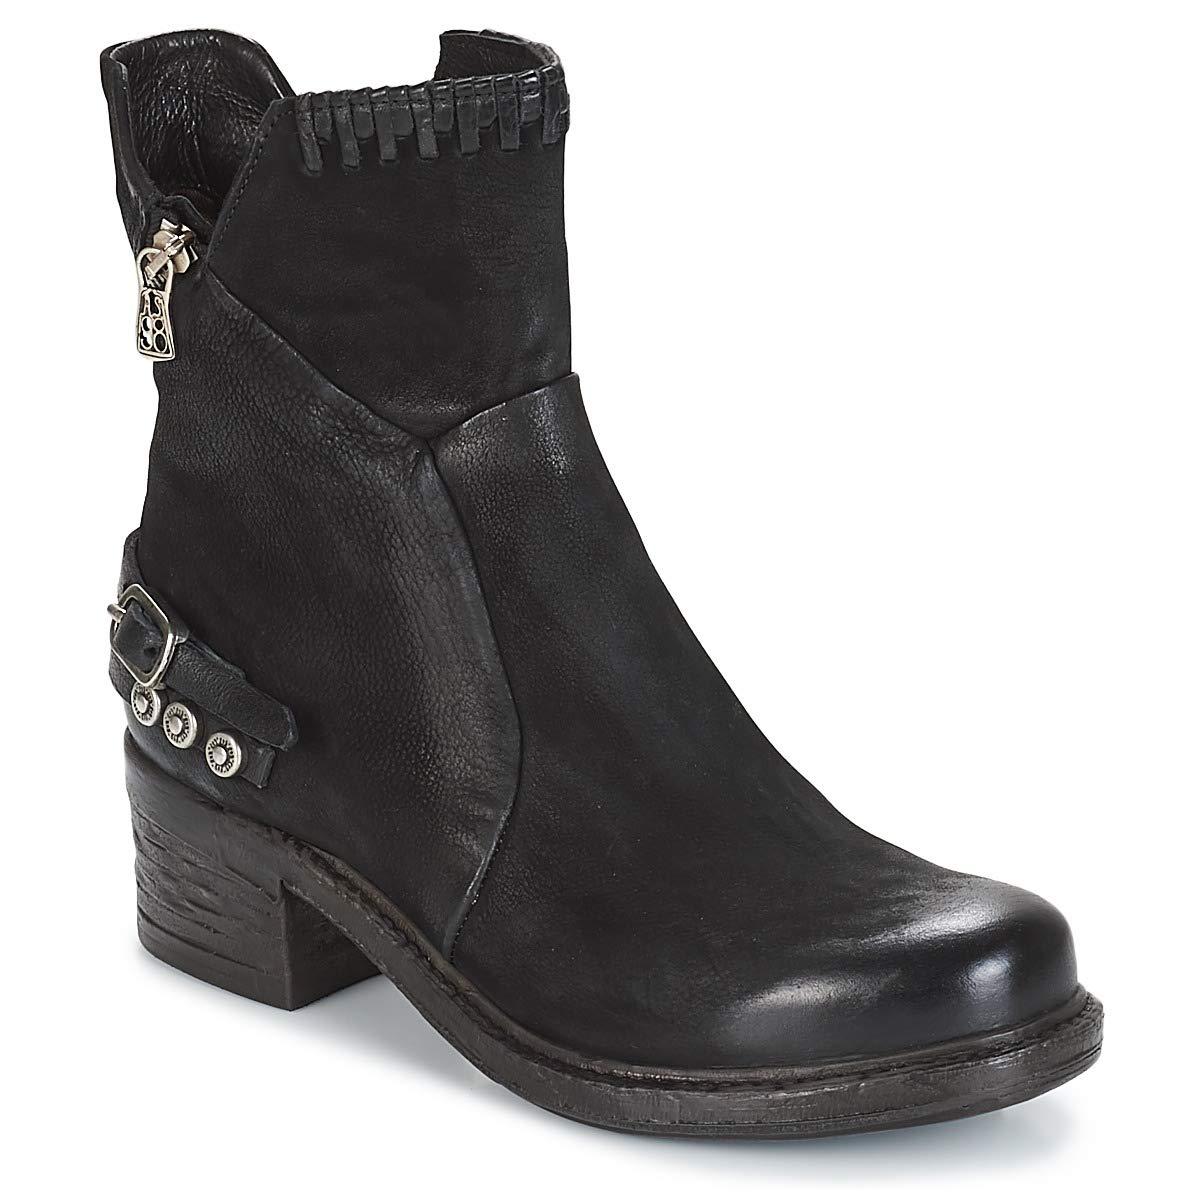 A.S.98 Damen Stiefelette 261231 Stiefel Leder Blockabsatz Schwarz